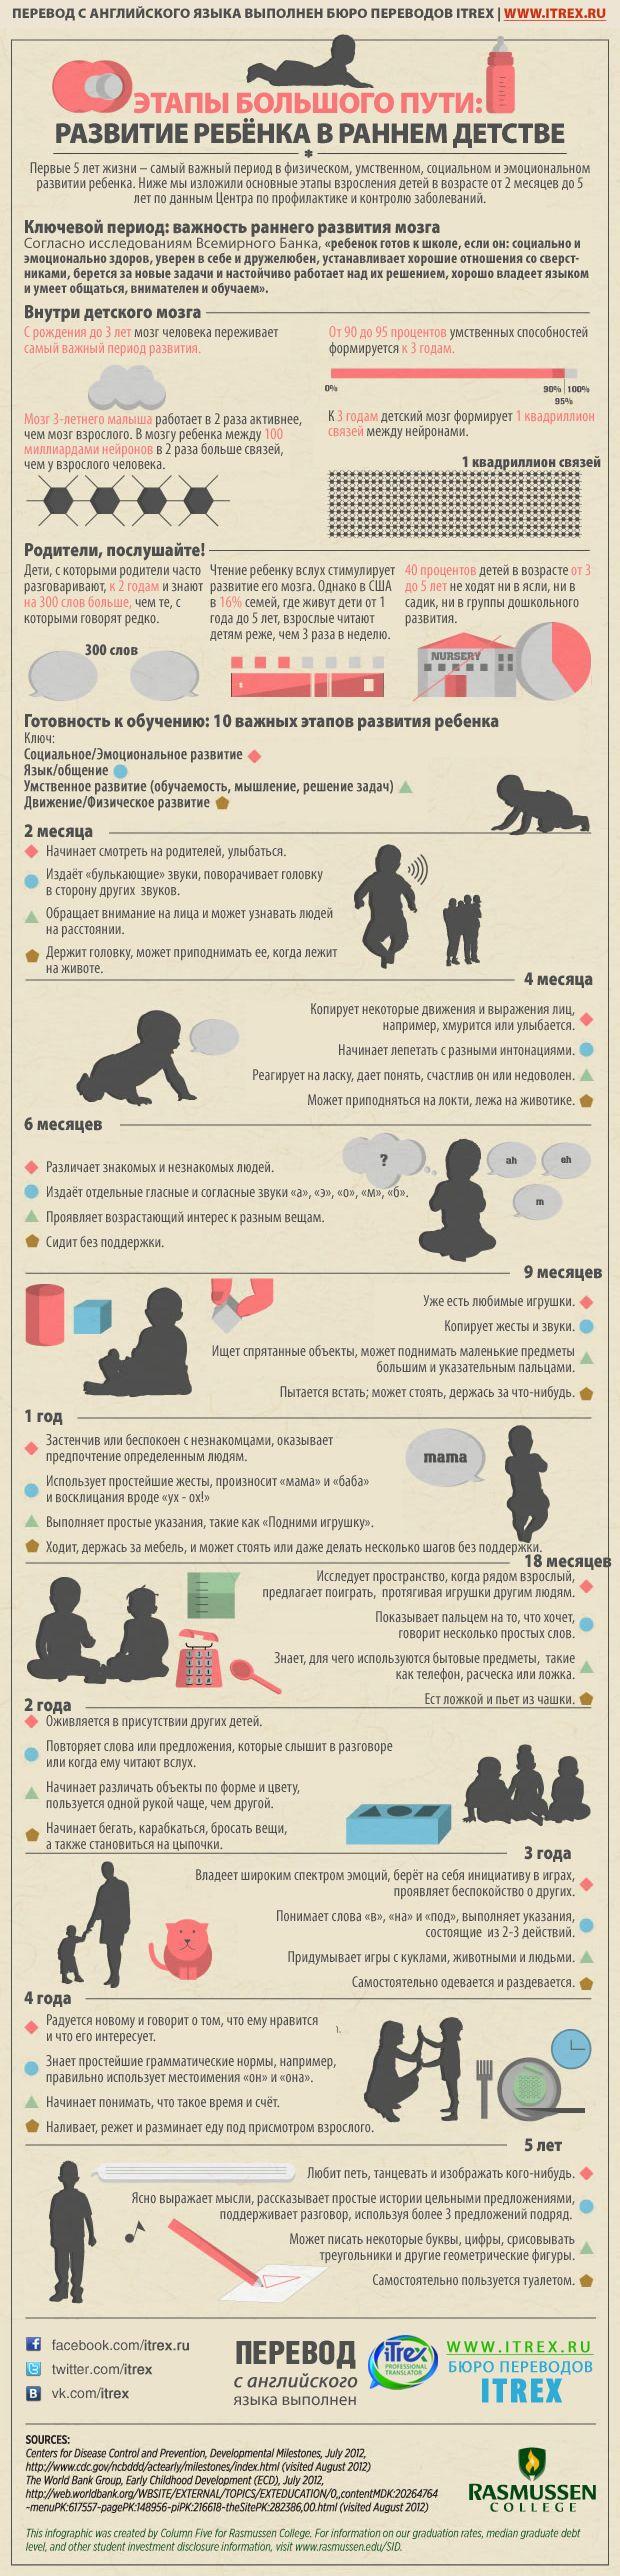 Вы уже читали нашу инструкцию по пользованию ребенком. Сегодня мы перевели инфографику об основных вехах развития детей. Хотя это, конечно, не четкие сроки, у всех всё по-разному происходит. А вы знаете во сколько вы пошли и сказали первое слово?